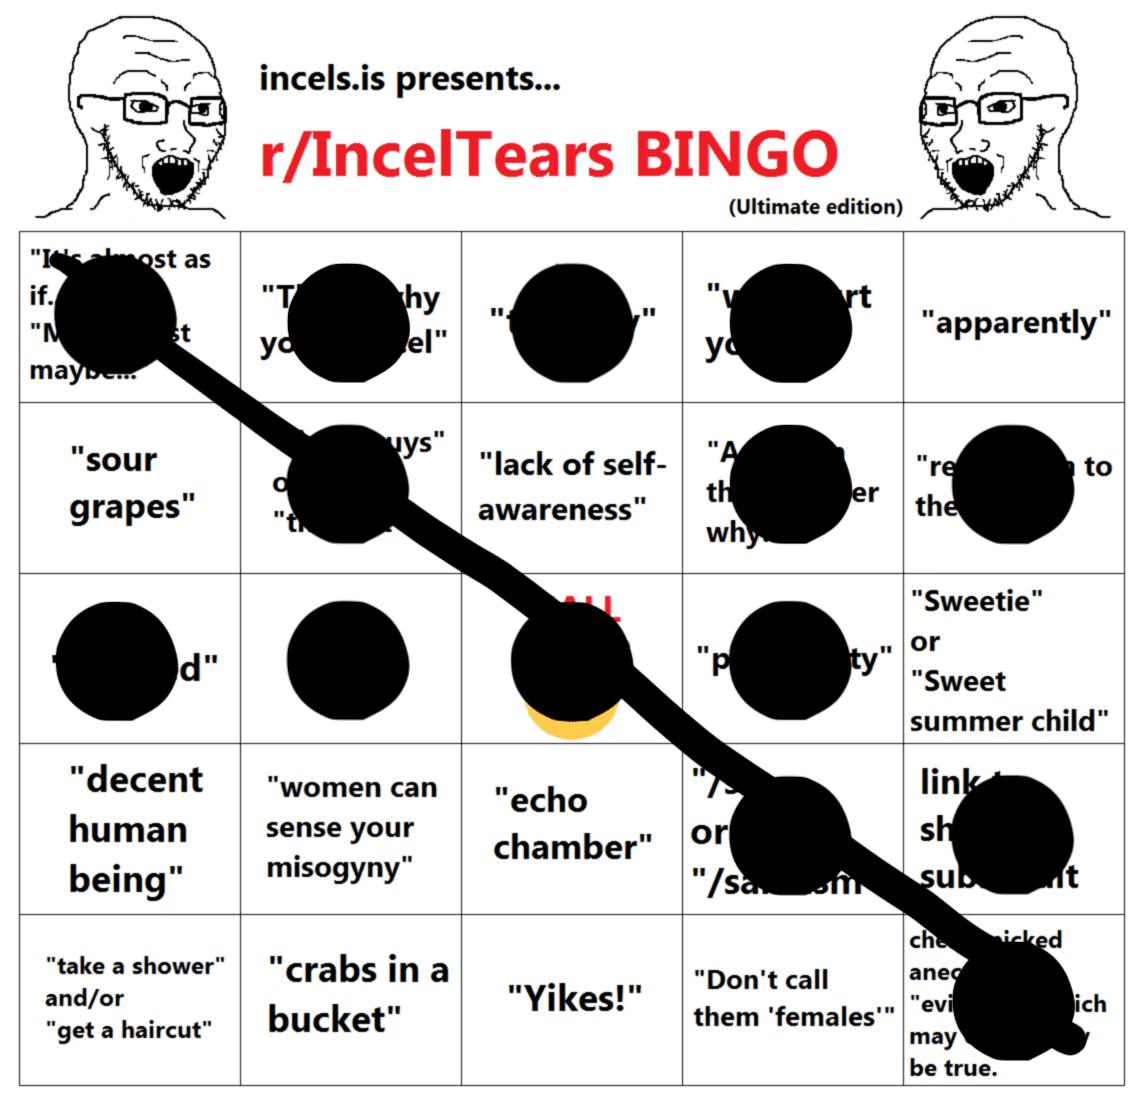 Cucktears Bingo copy.png